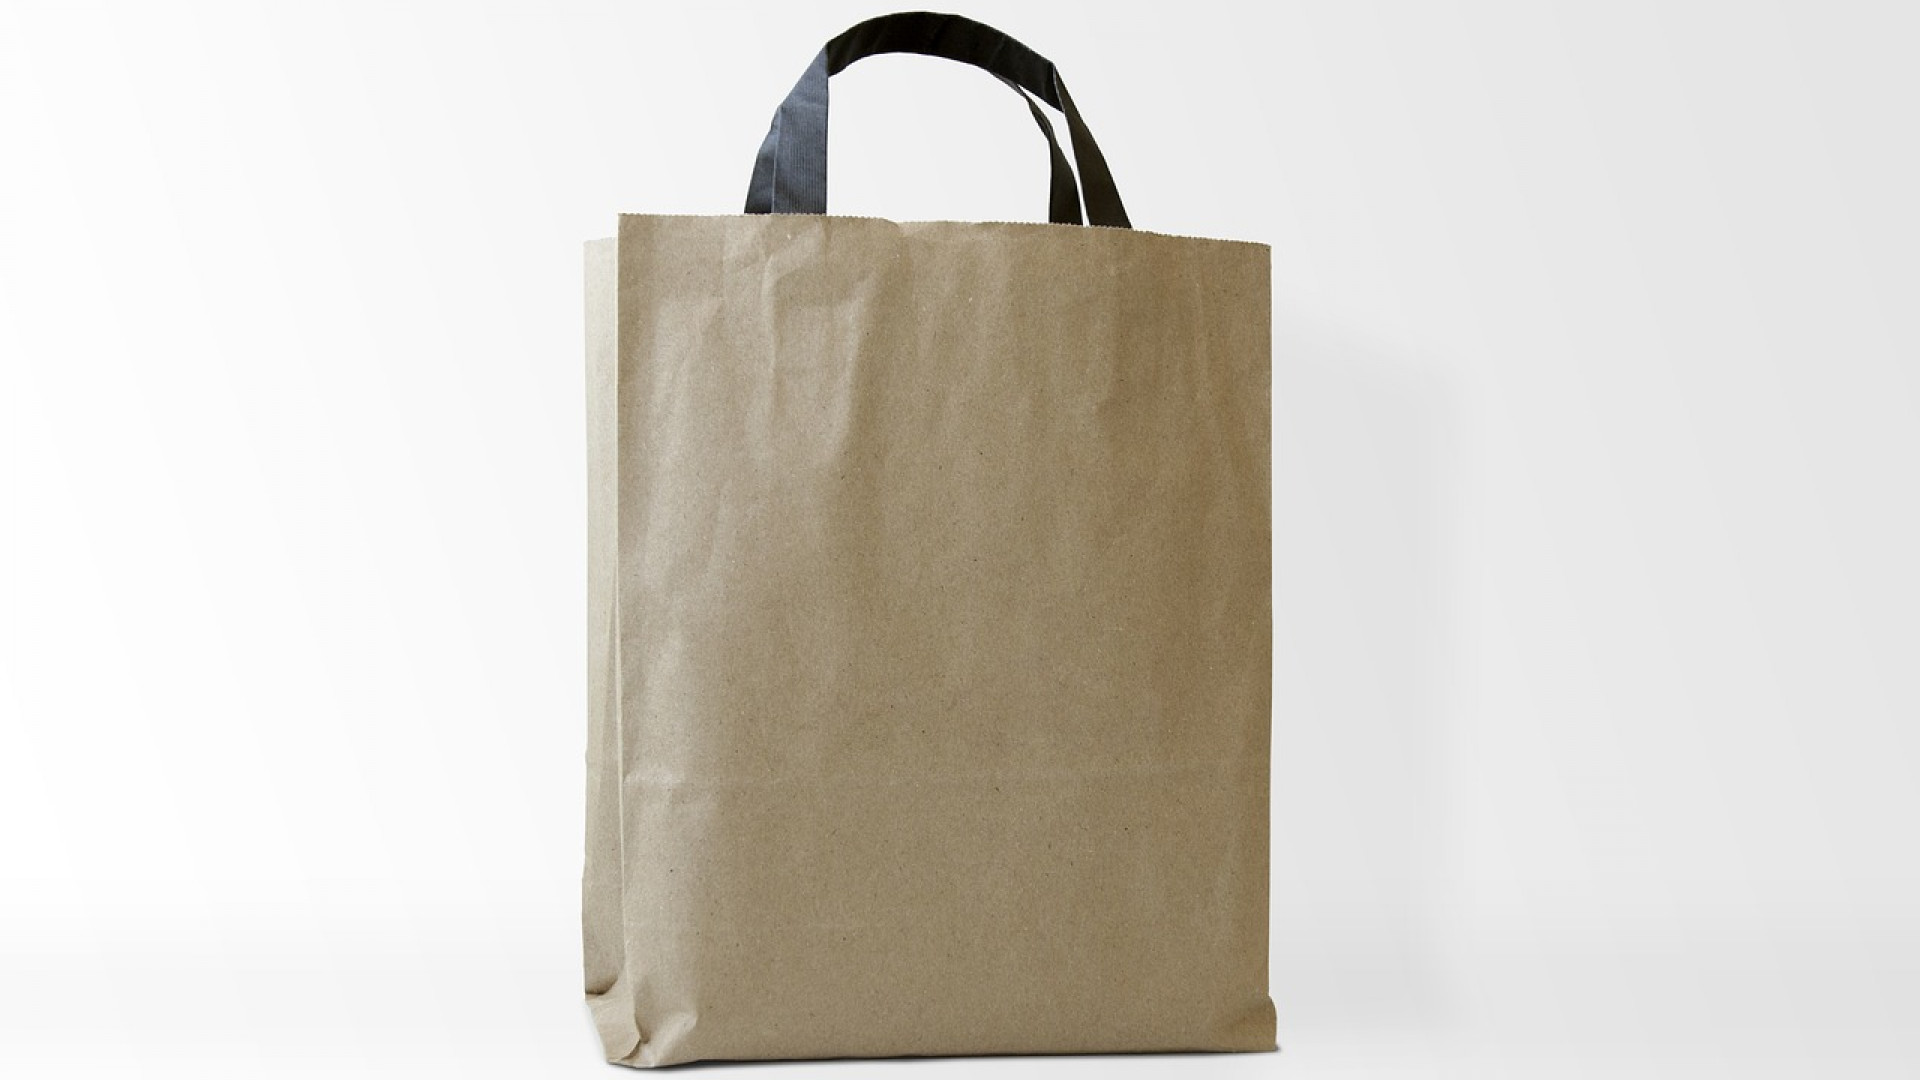 Pourquoi personnaliser vos sacs papier ?